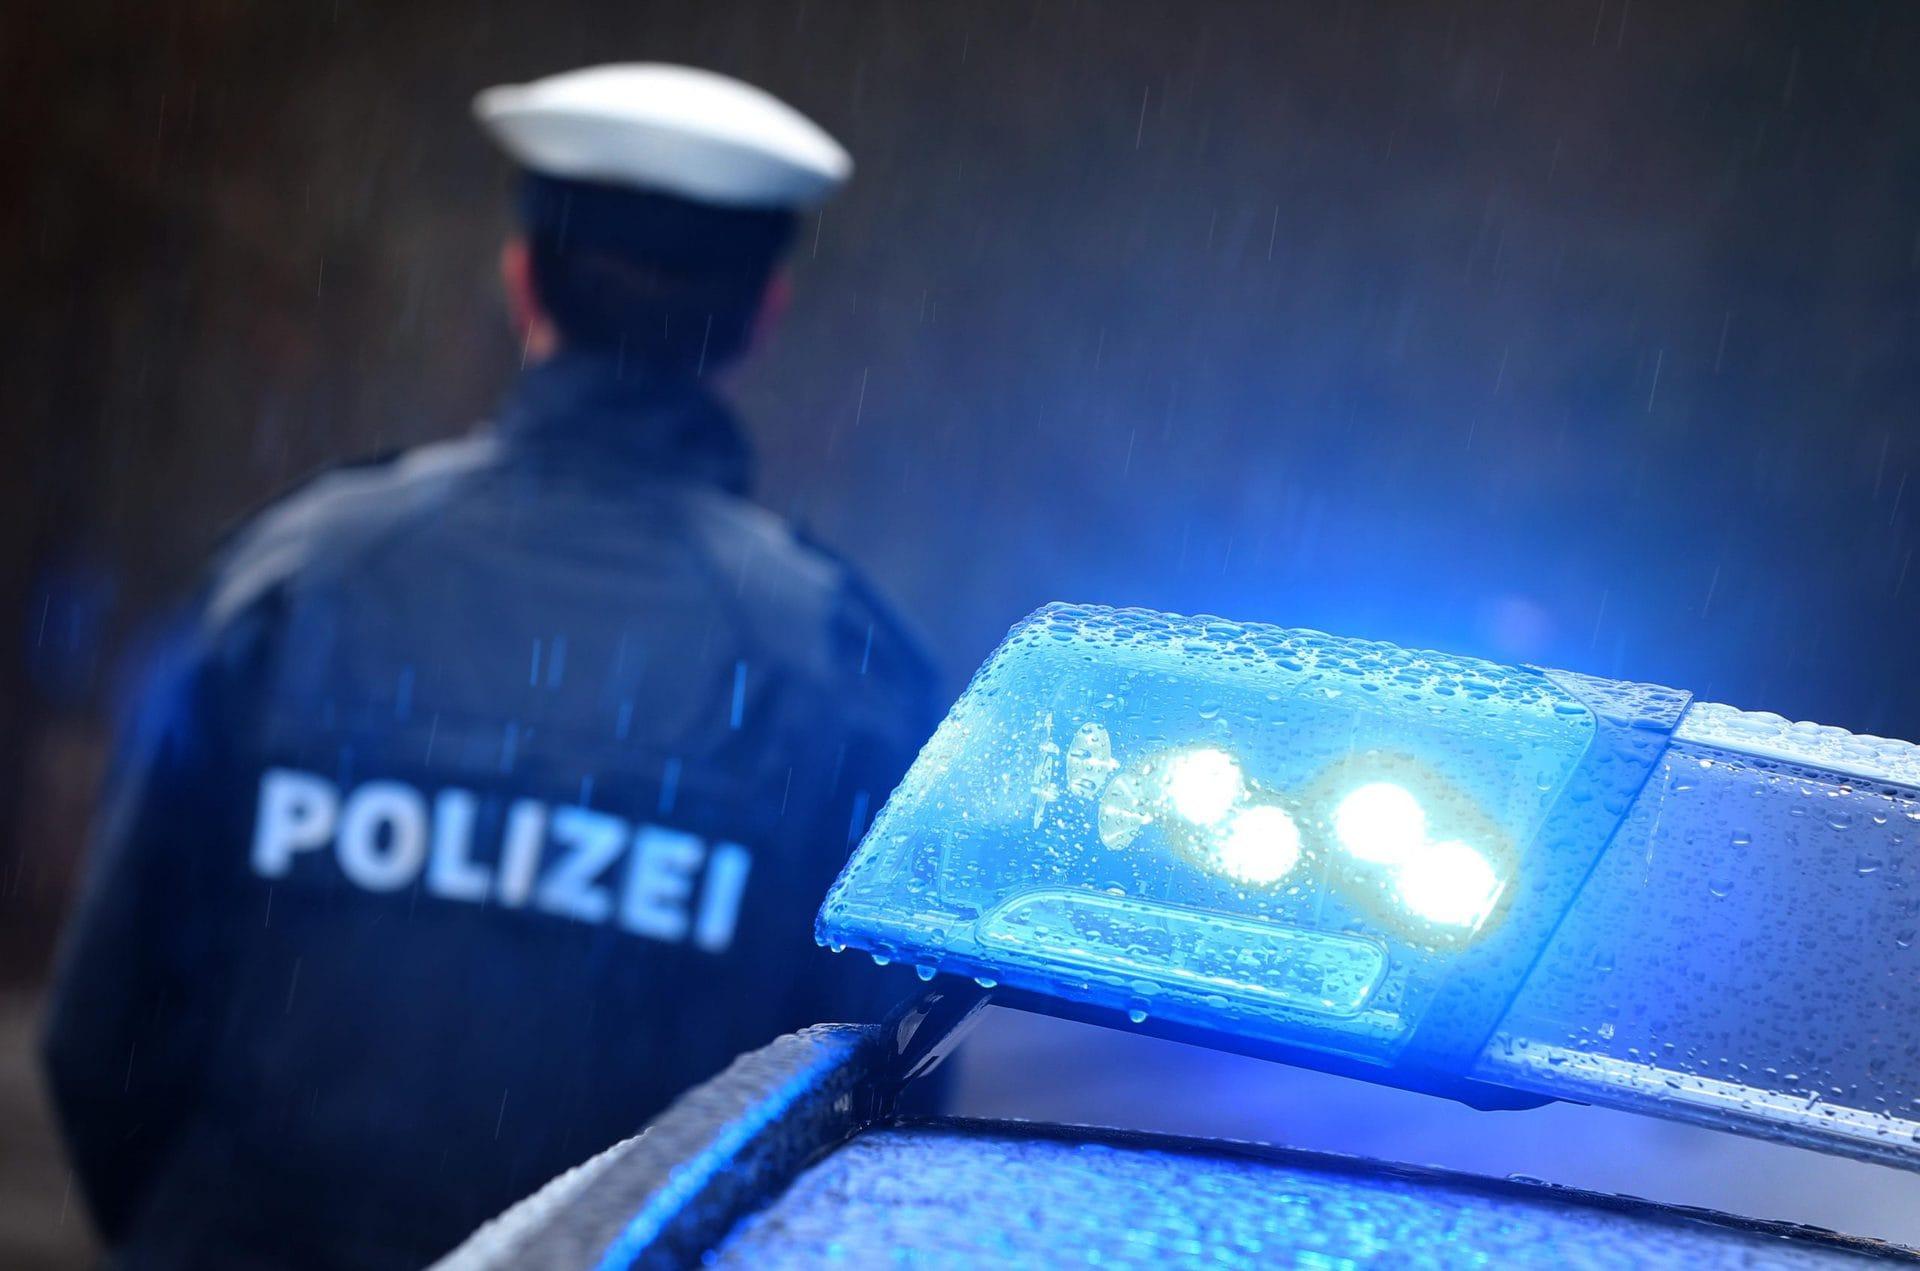 Polizei verstärkt Kontrollen zu Ostern «Jeder einzelne ist aufgefordert, seinen individuellen Beitrag zu leisten.»